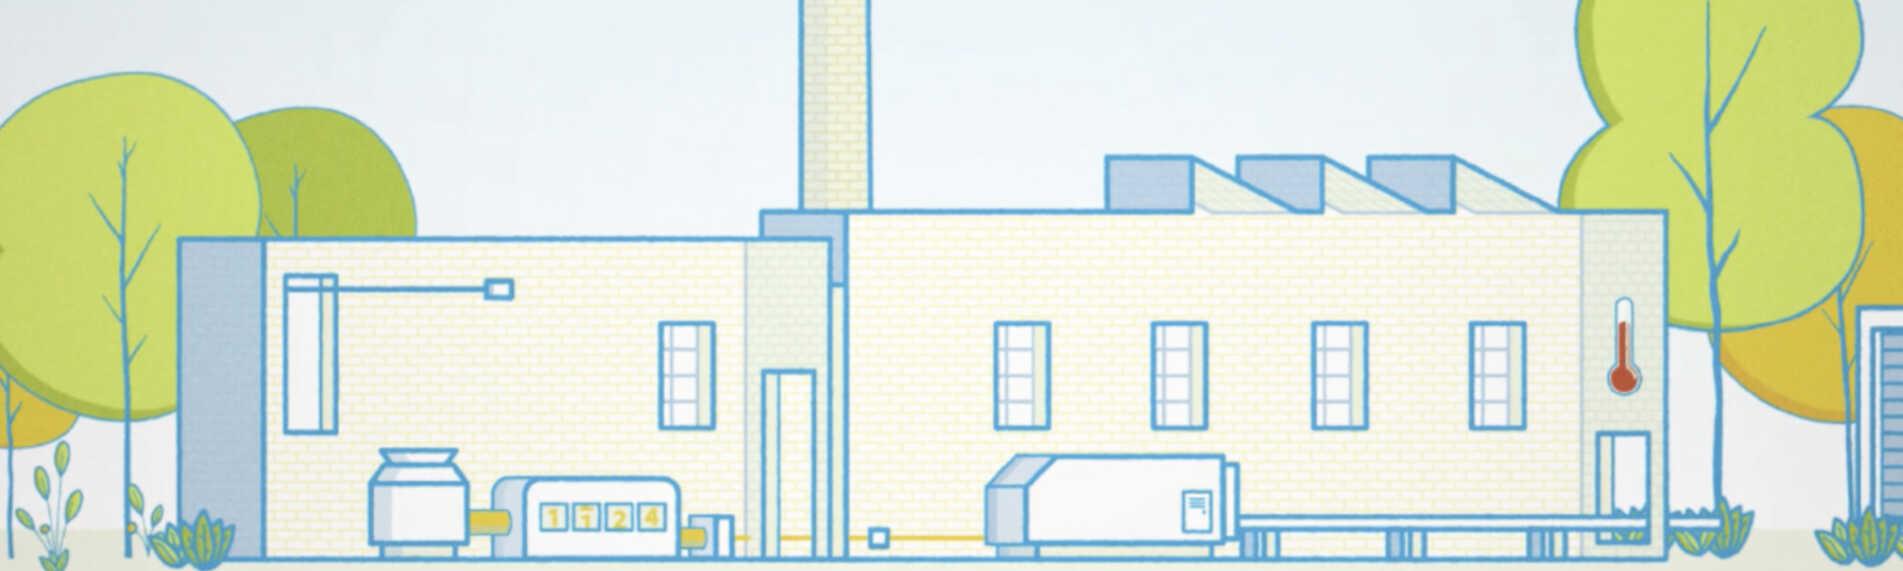 Evaporativ køling giver energibesparelser